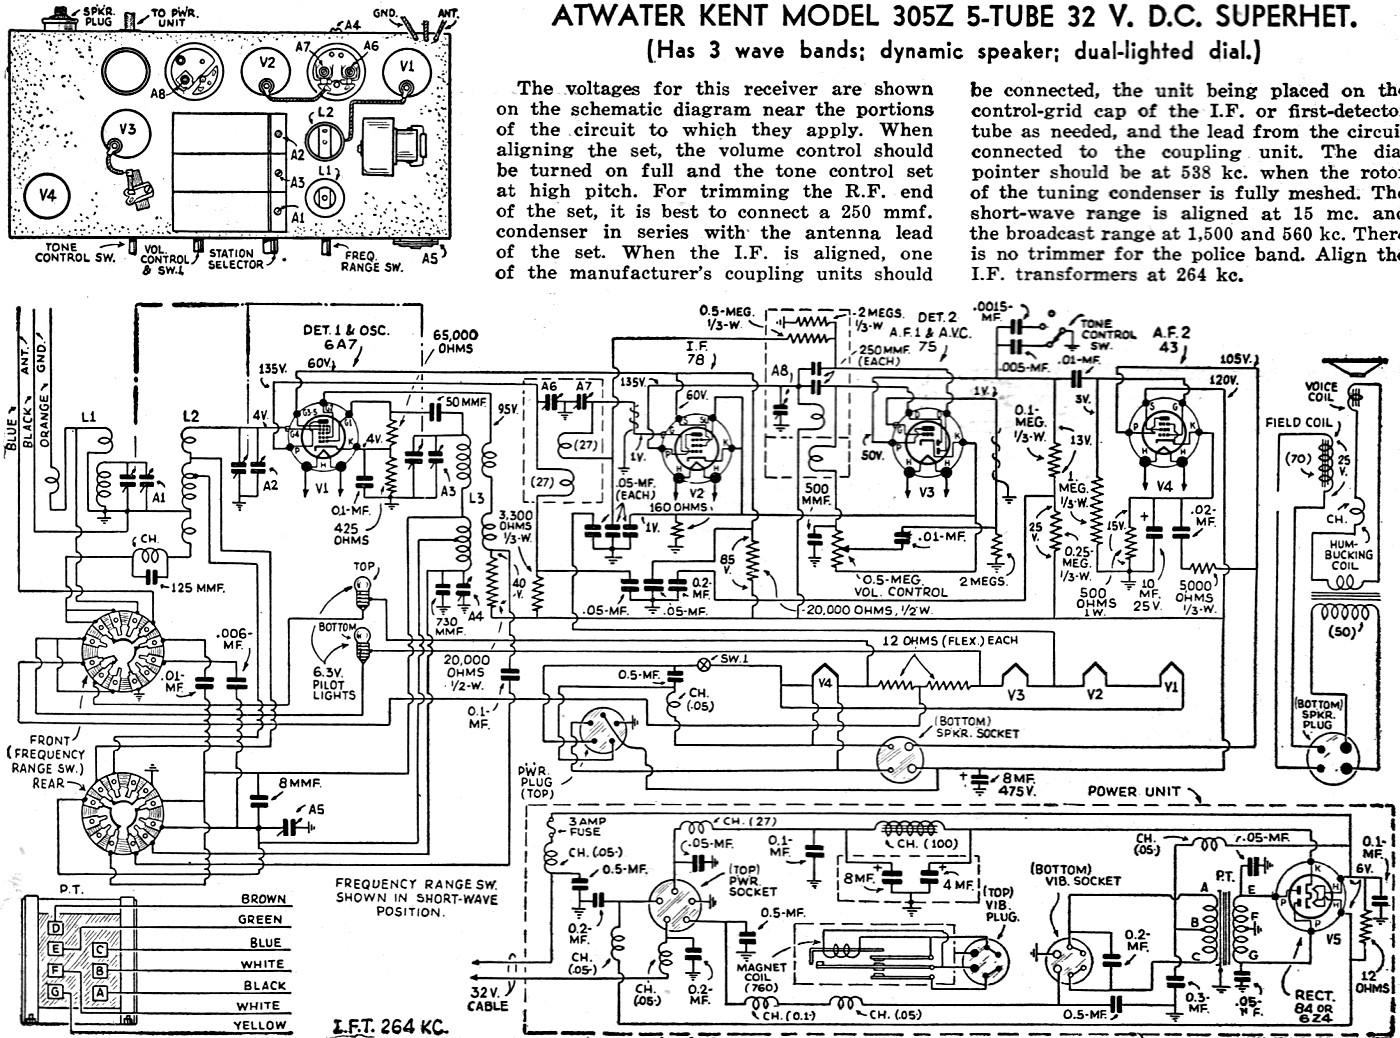 Atwater Kent Model 305z 5